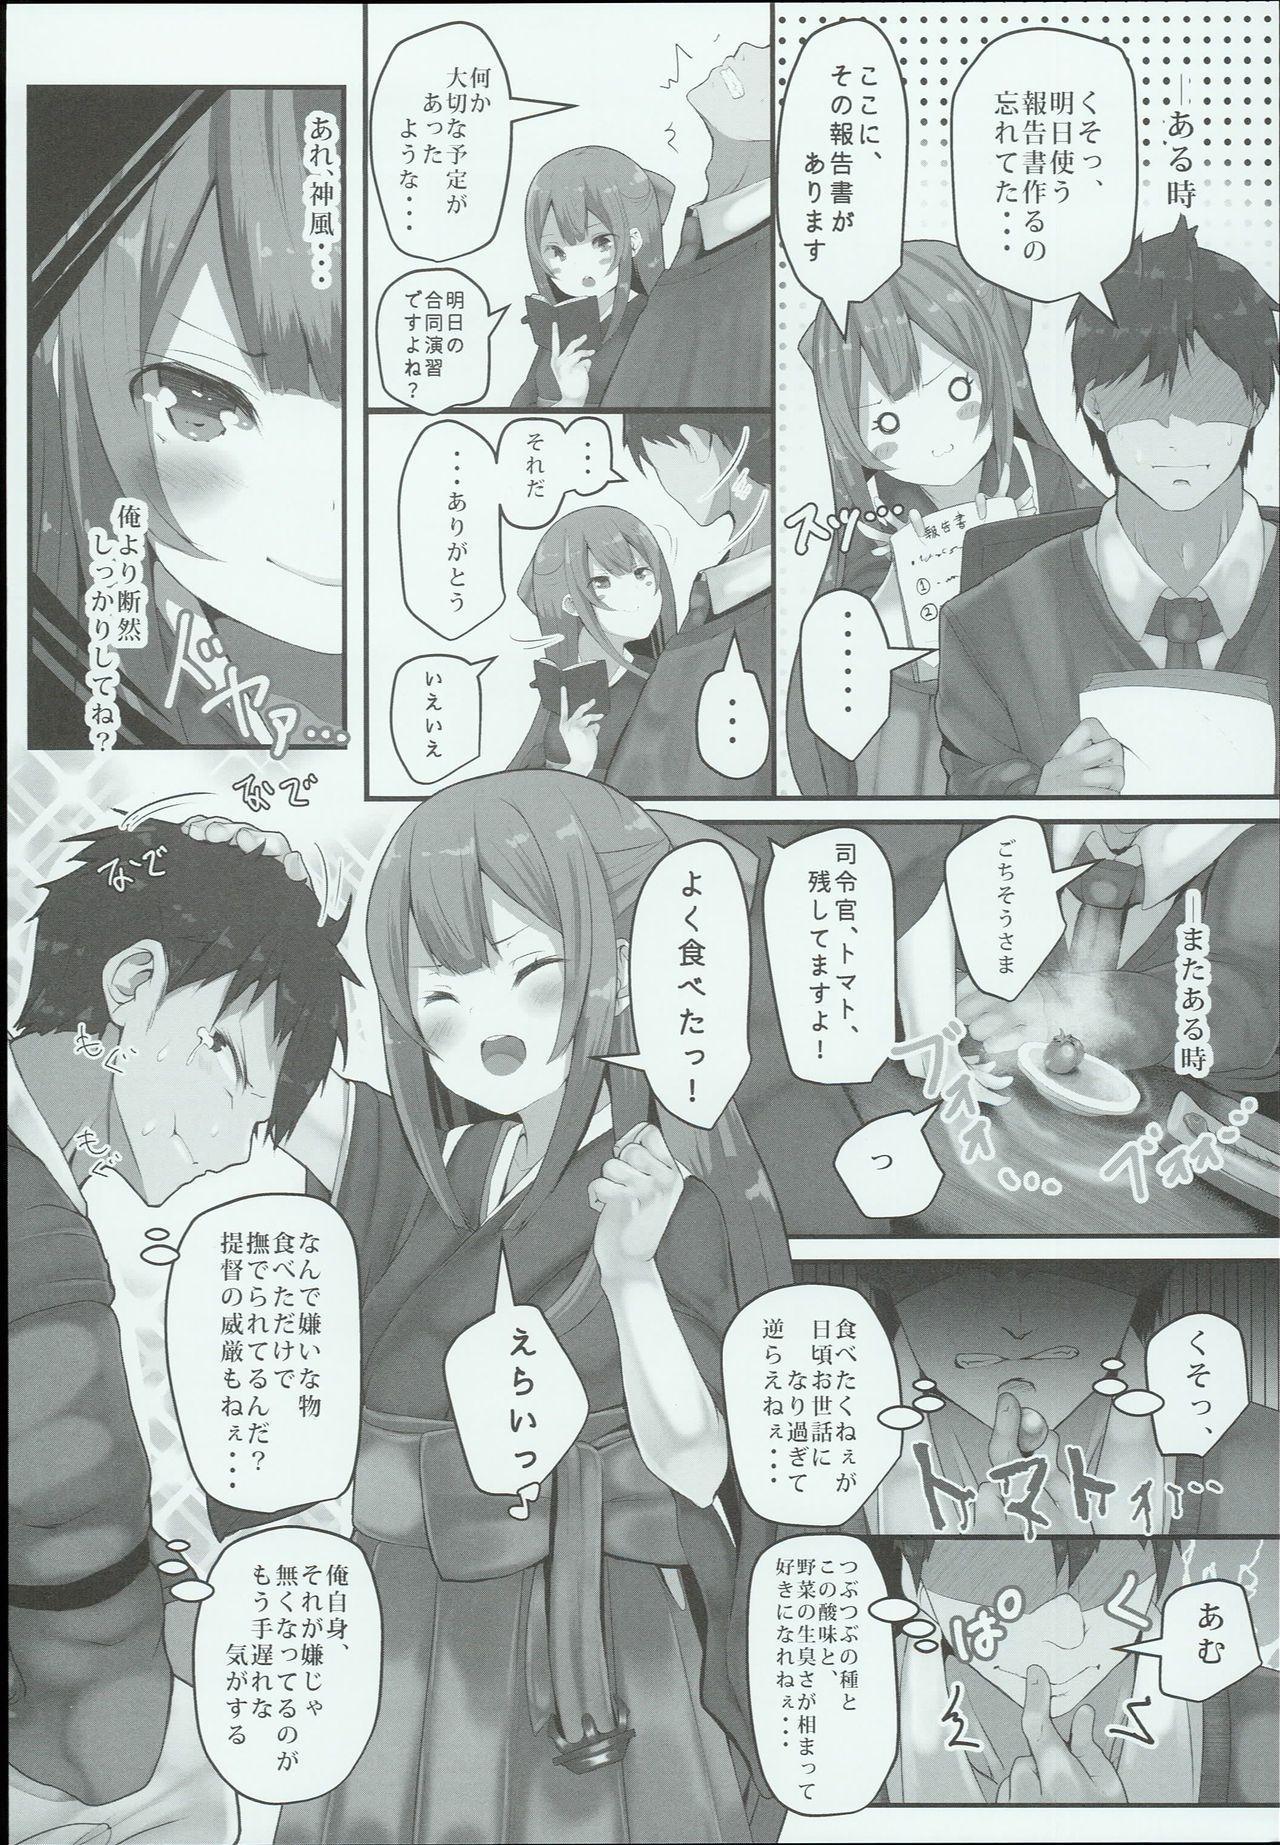 Kamikaze-chan wa Osewa Shitai 5